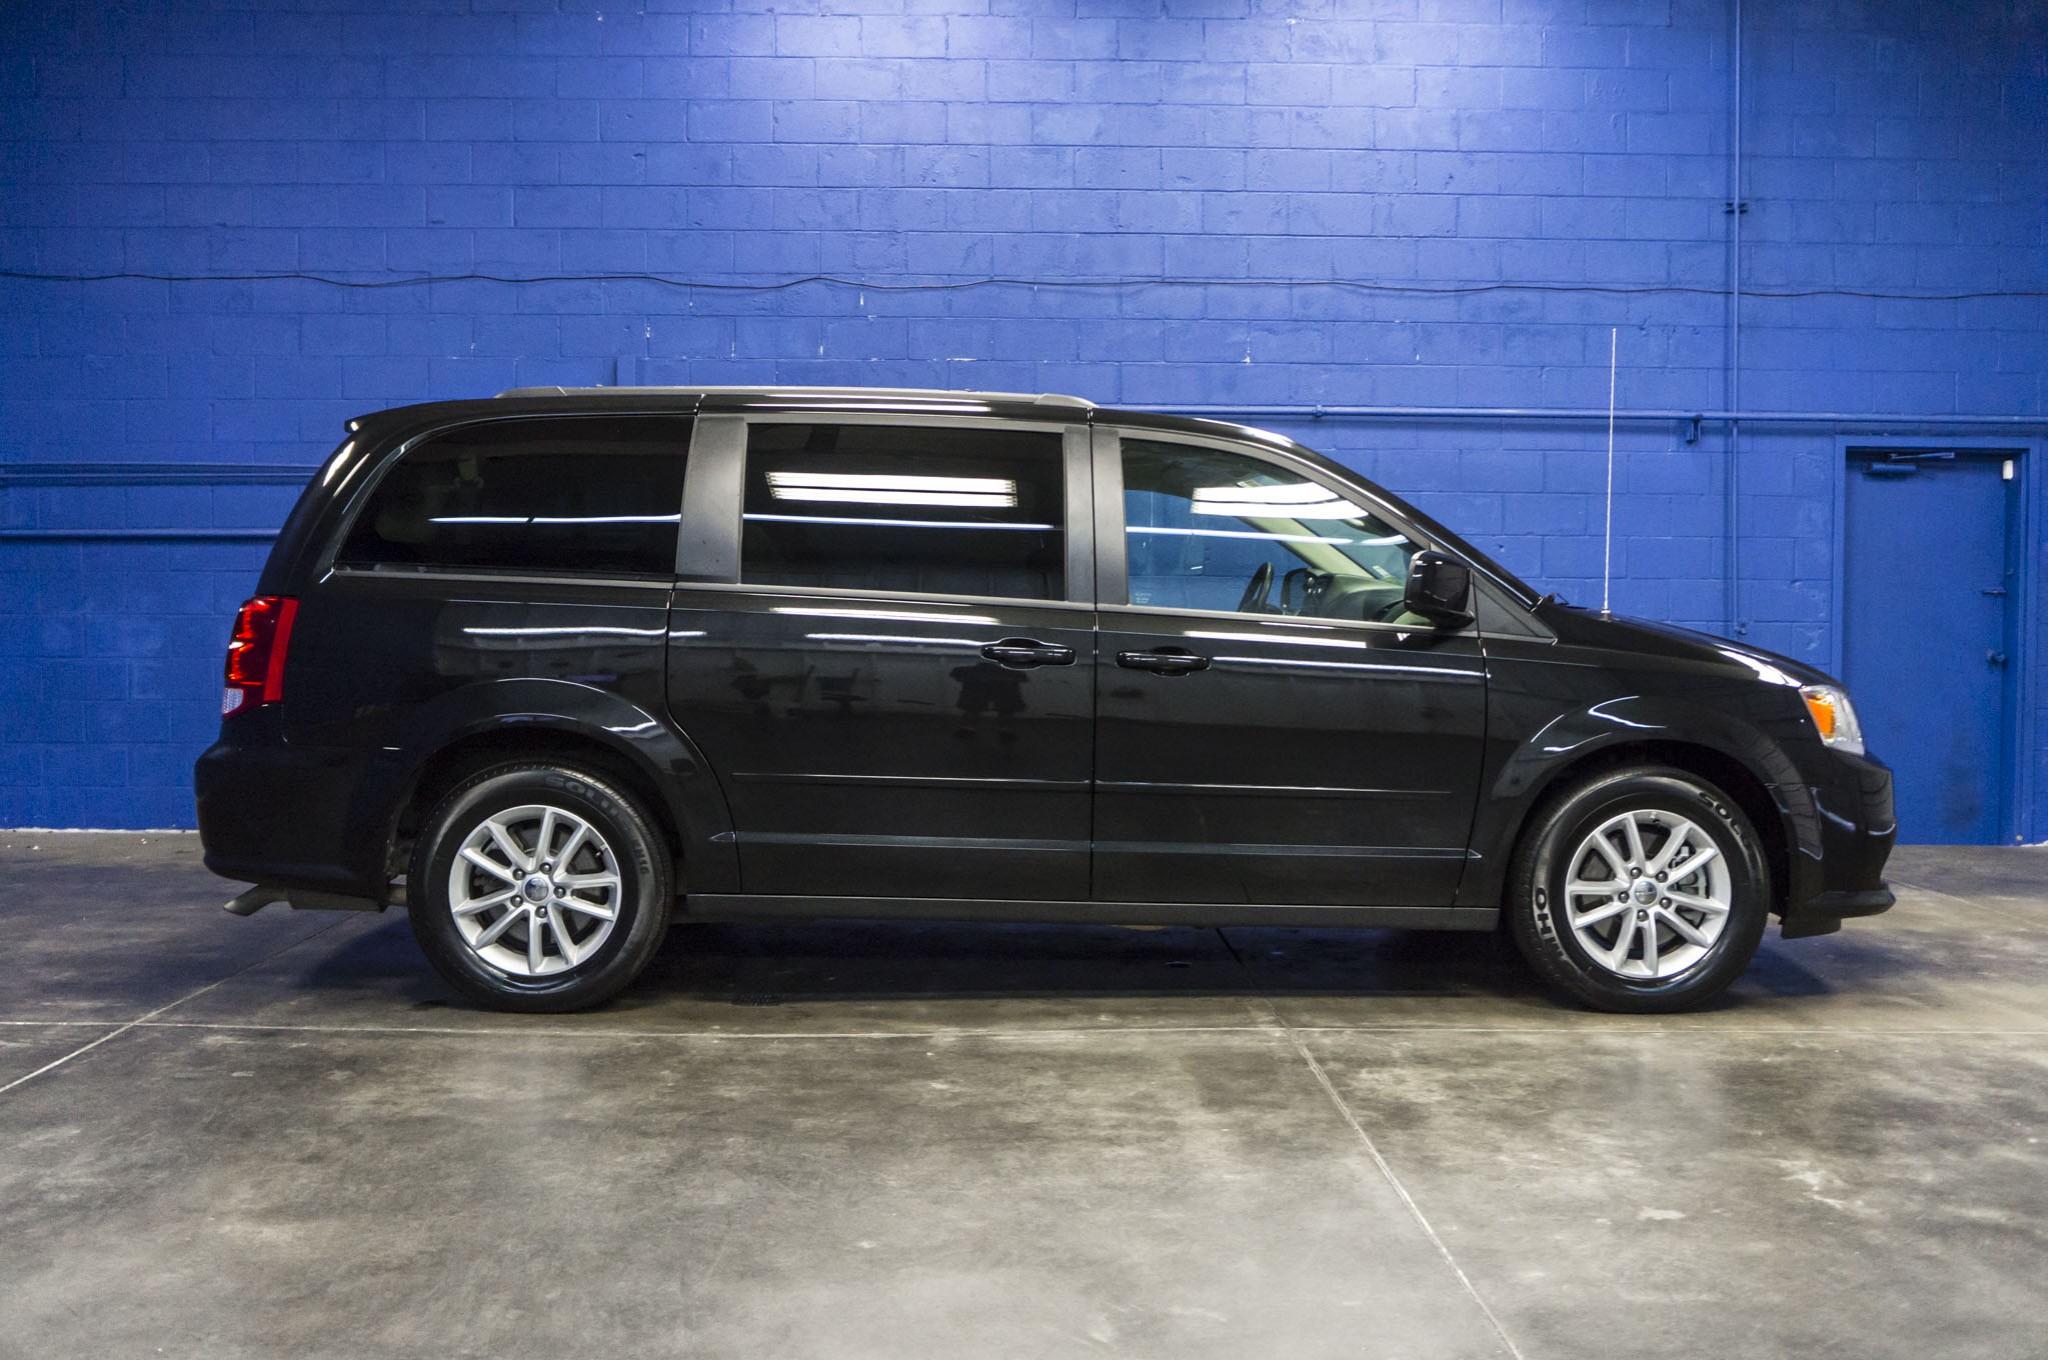 Used 2016 Dodge Grand Caravan SXT FWD Minivan Van For Sale